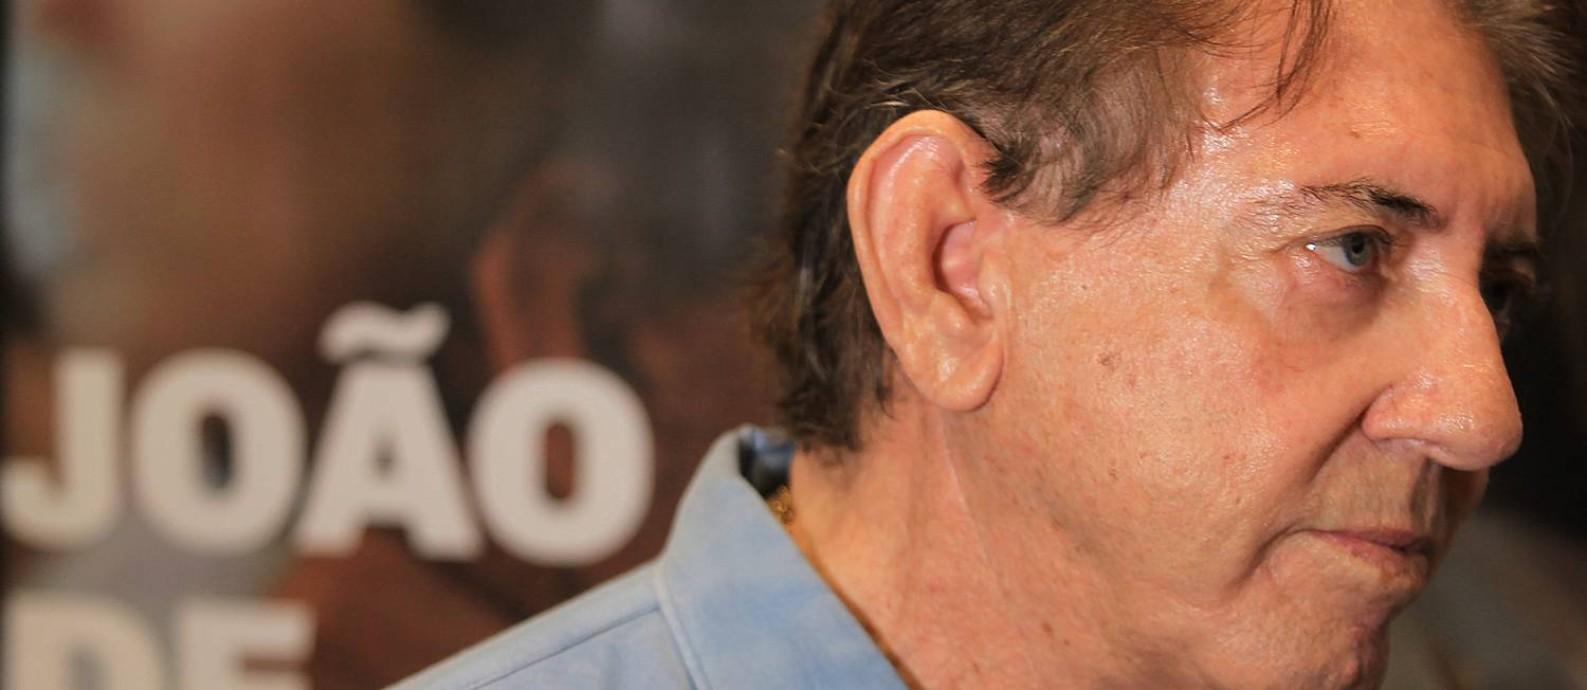 João de Deus, nascido João Teixeira de Faria, é o médium vivo mais famoso do Brasil Foto: Eleven / Agência O Globo